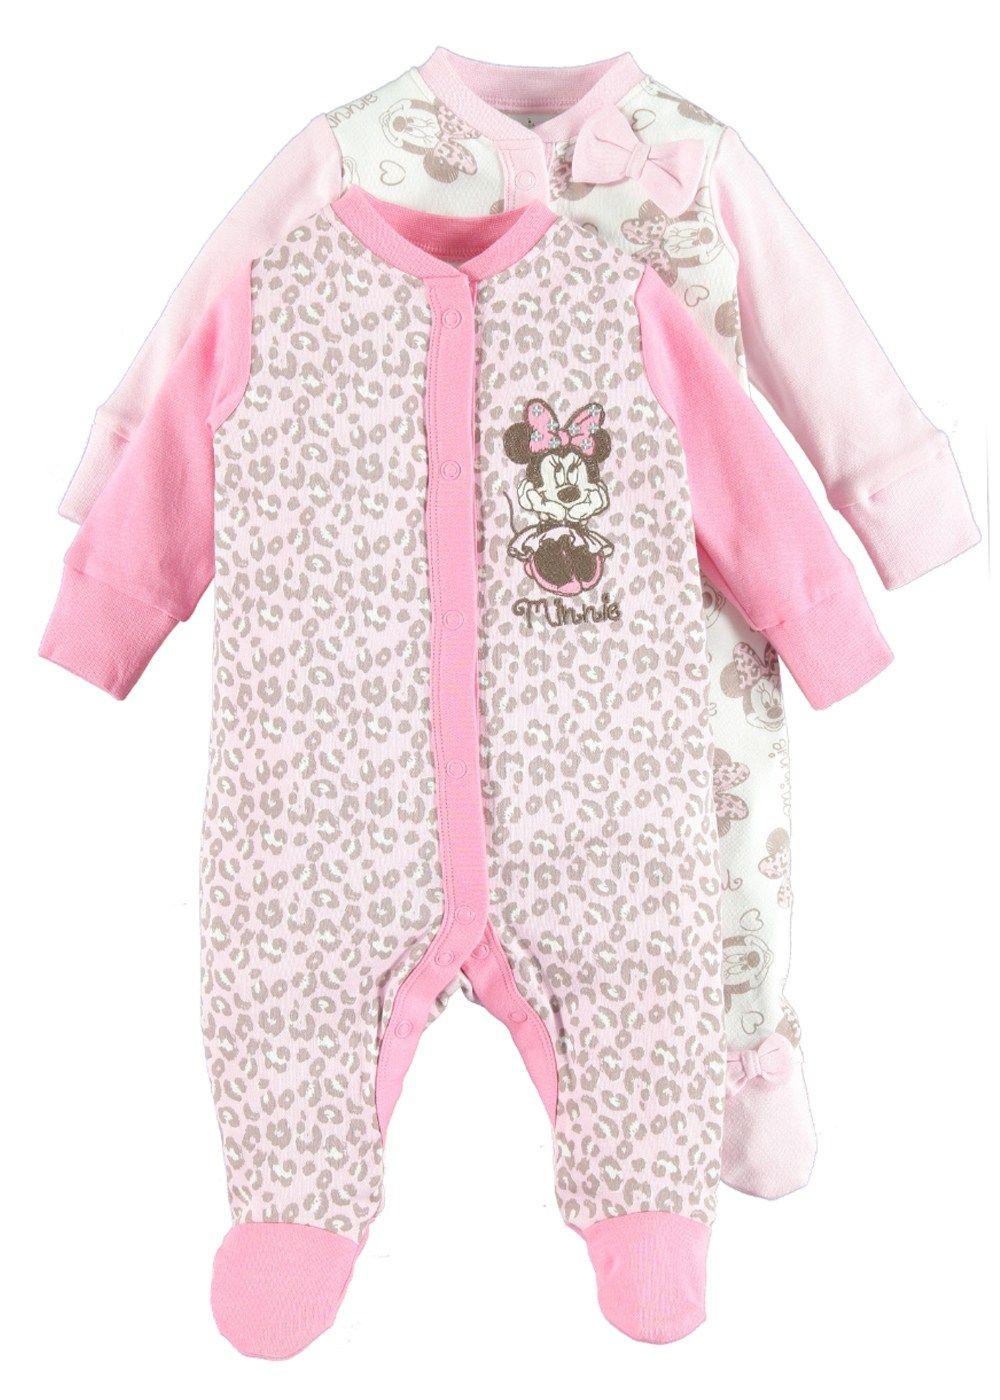 Matalan Clothes For Babies